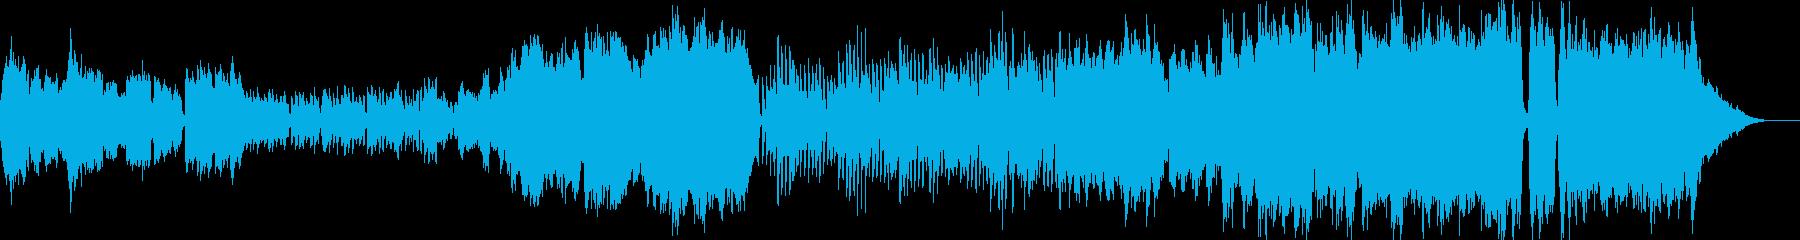 ファンタジックで切ないオーケストラの再生済みの波形